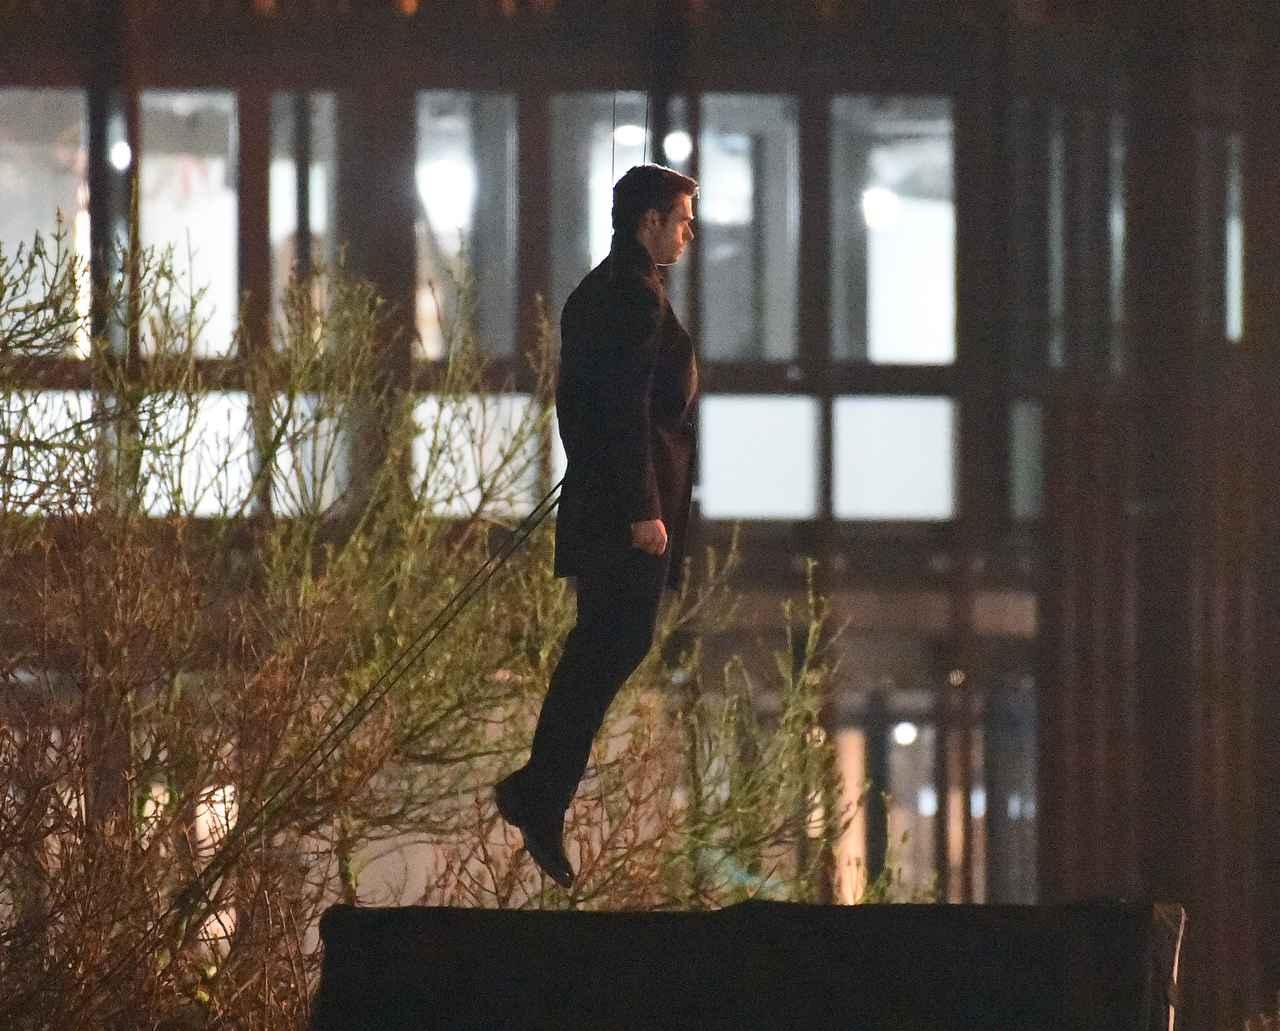 Images : 11番目の画像 - リチャード・マッデンが宙を舞う!MCU新作映画『エターナルズ』の撮影現場が激写 - フロントロウ -海外セレブ情報を発信